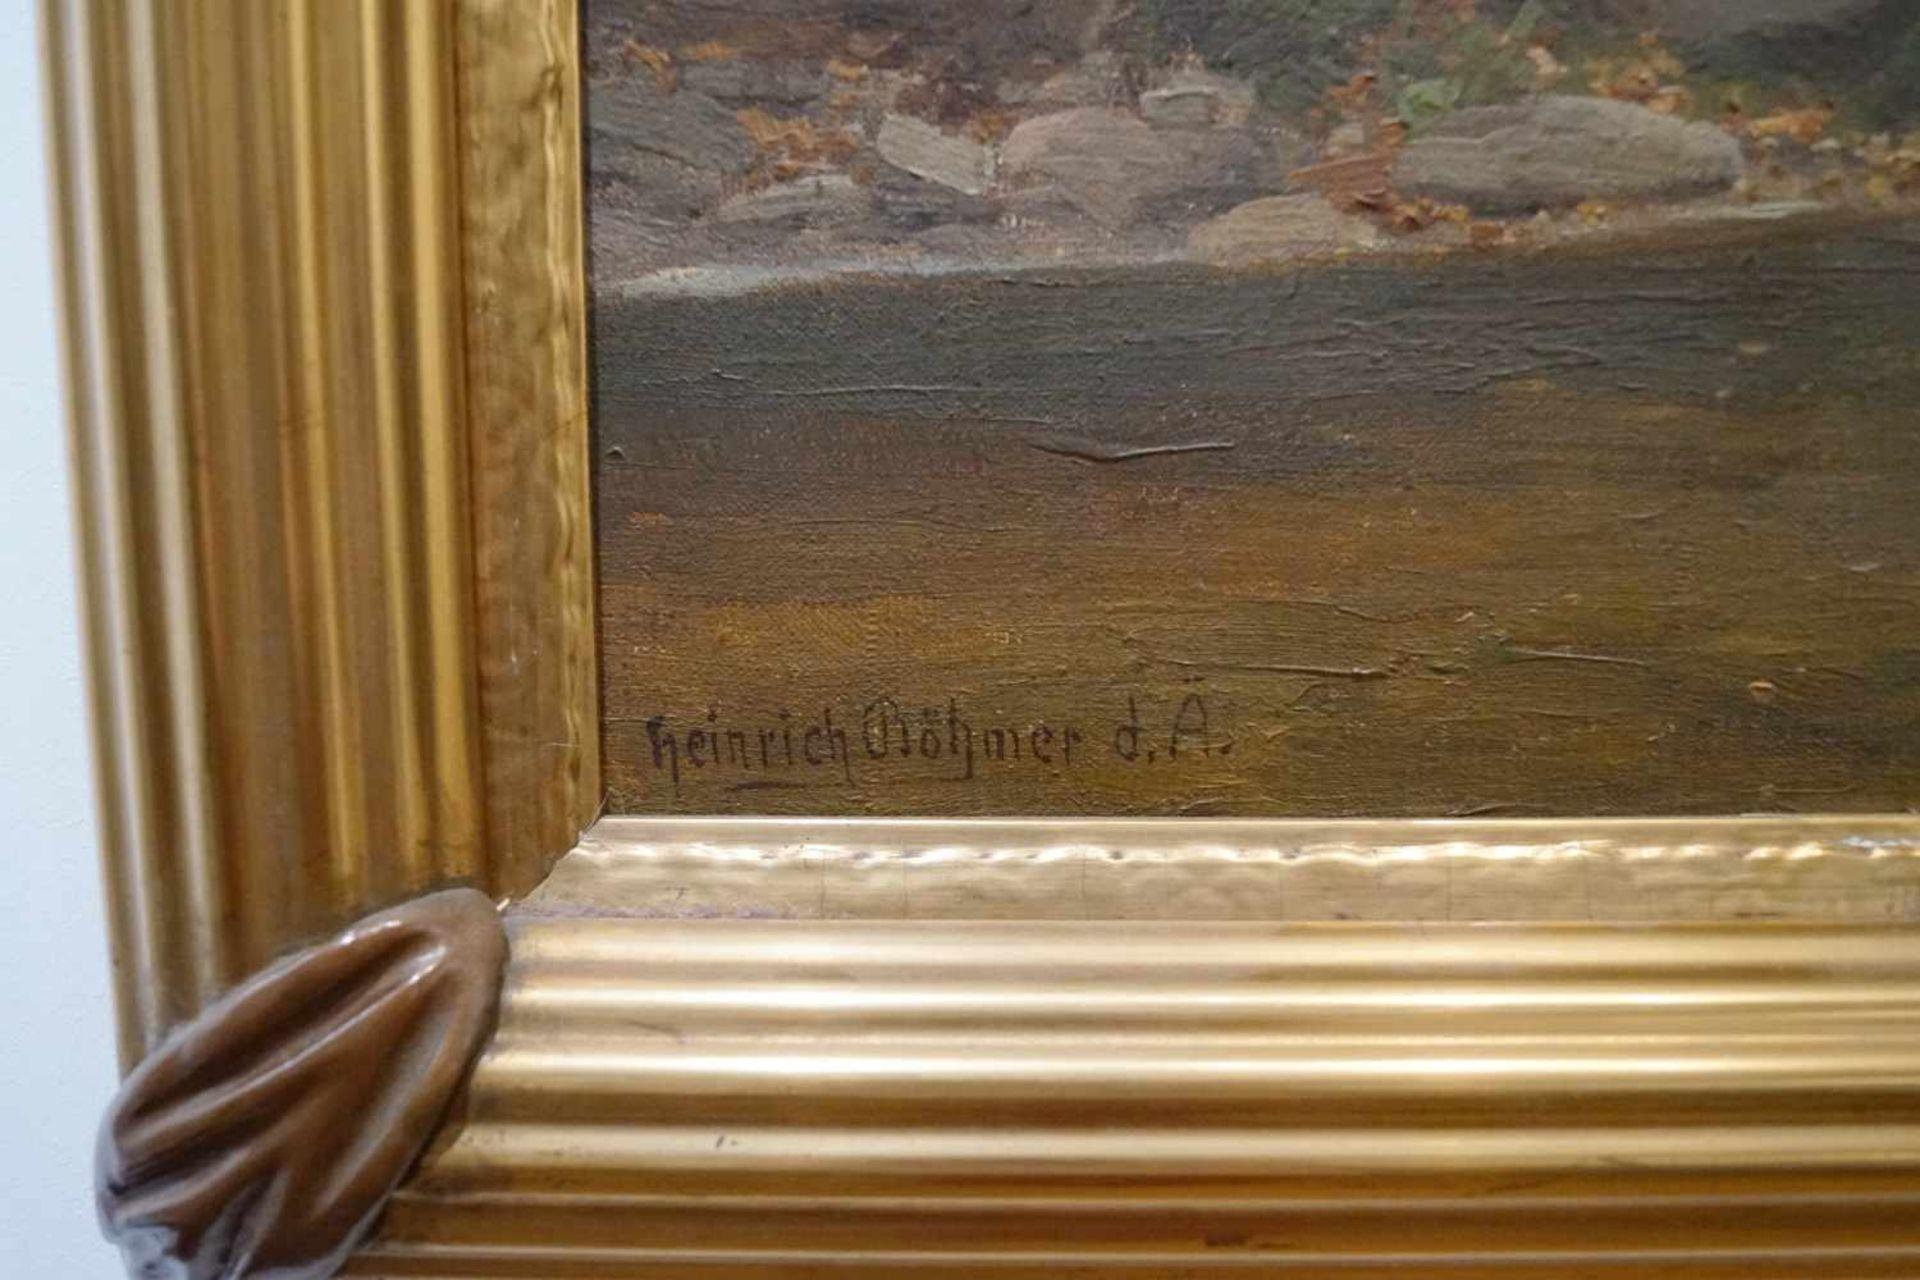 Sonnendurchflutetes Waldstück Heinrich Böhmer der Ältere (1852-1930), Öl/Leinwand, unten links - Bild 3 aus 3